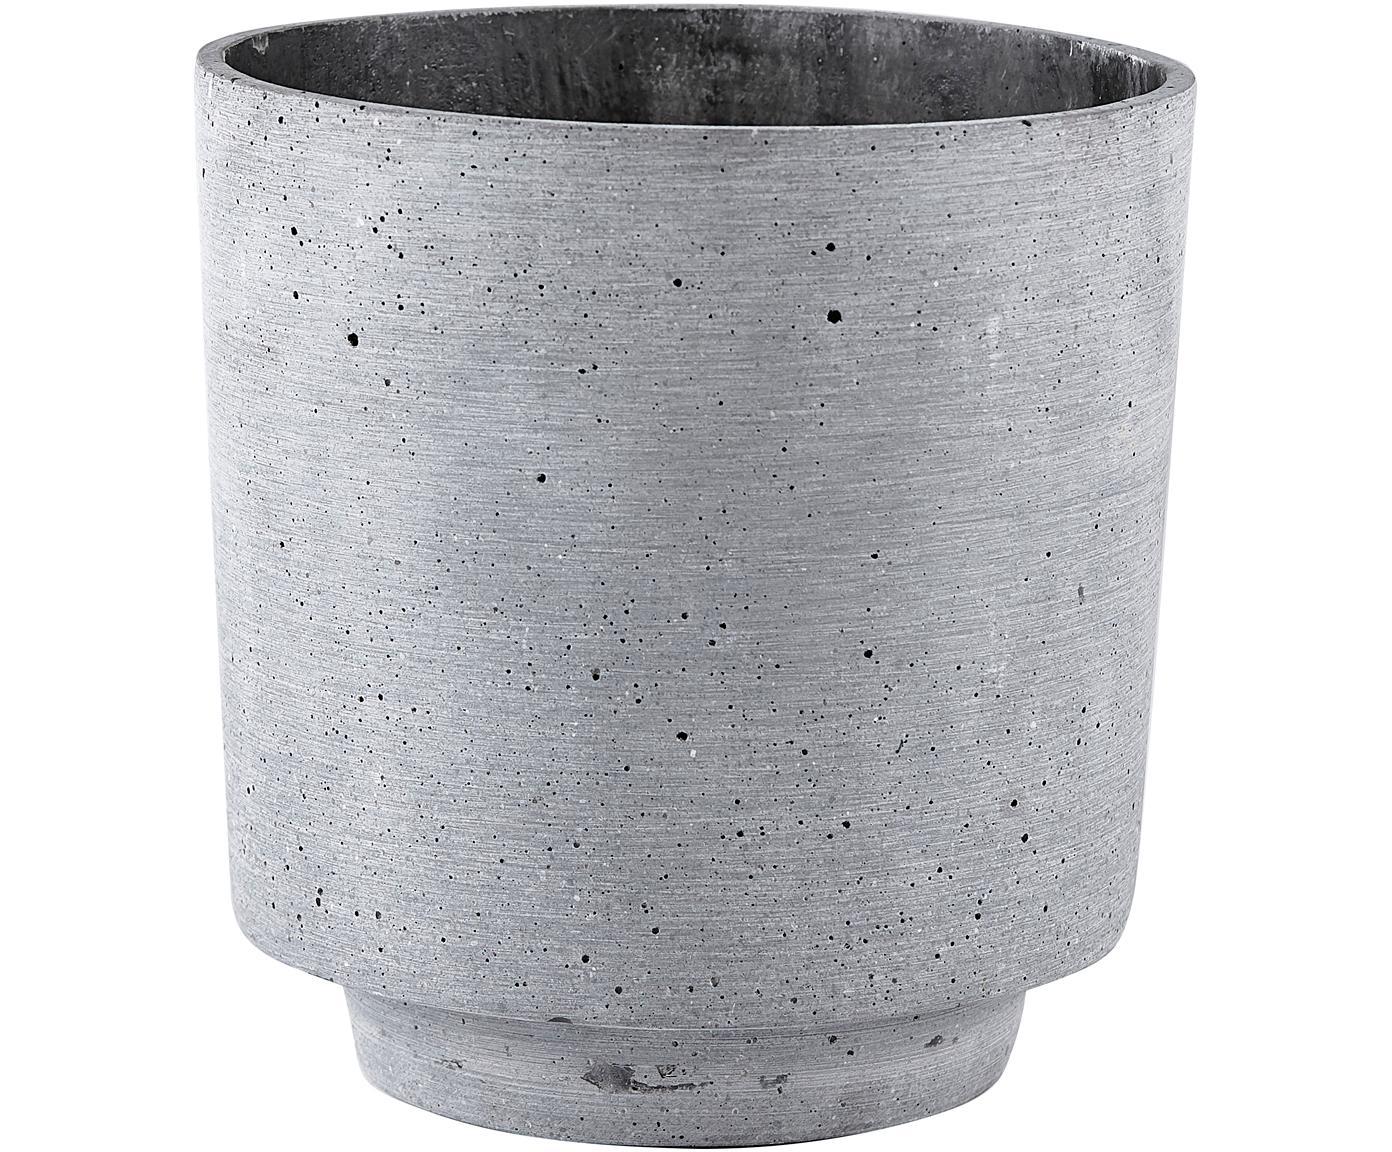 Portavaso in fibra sintetica Pola, Fibre sintetiche, Grigio, Ø 19 x Alt. 19 cm